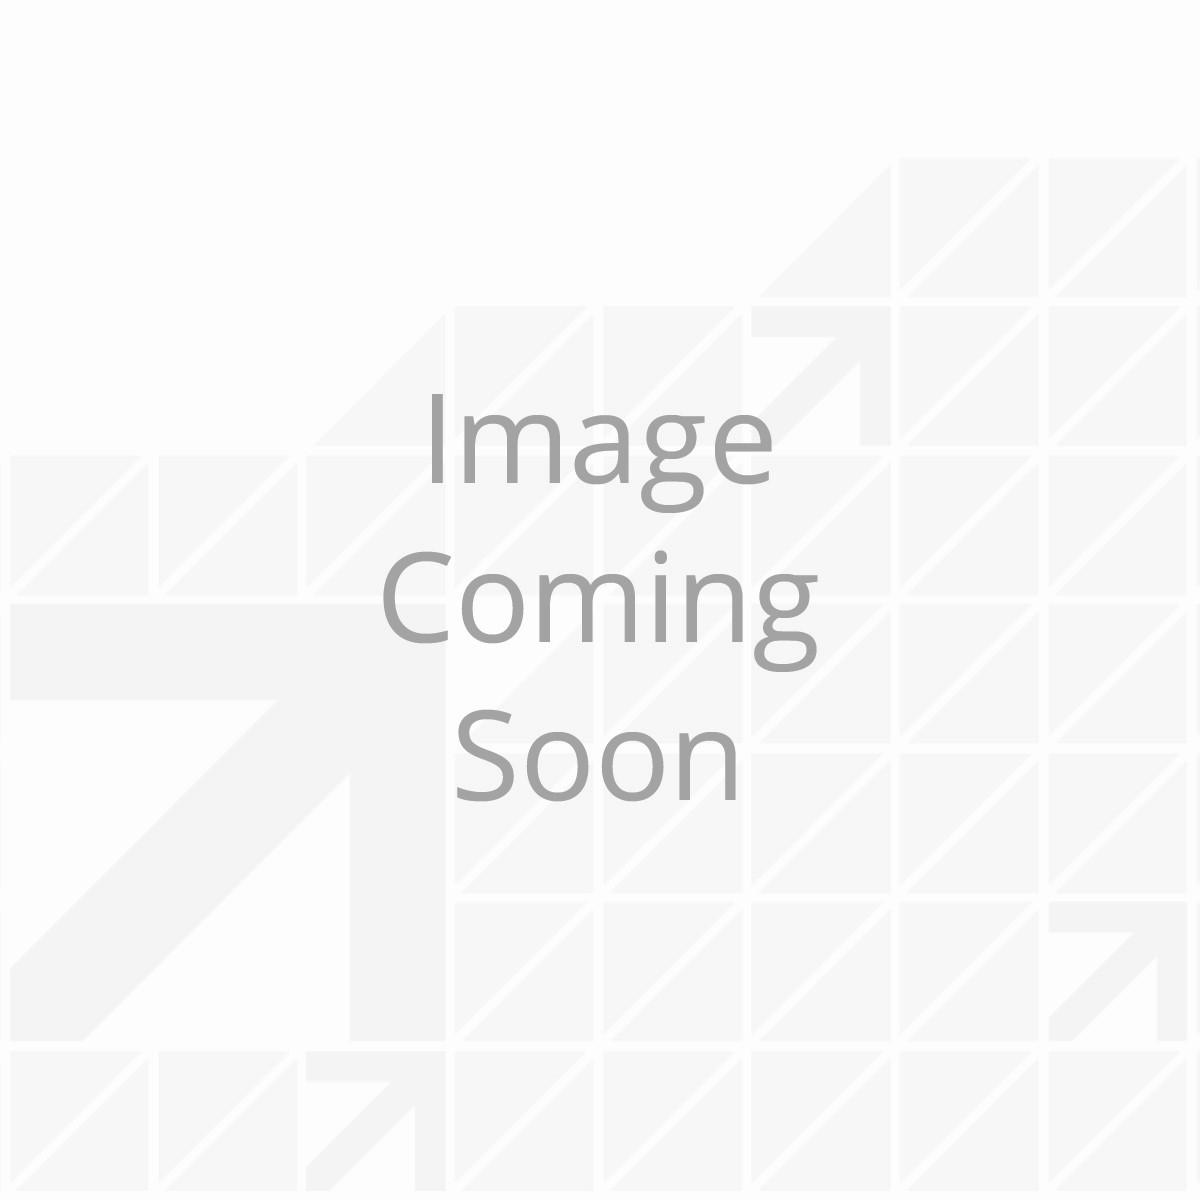 8019 Water Based Bonding Adhesive (1 Gallon)